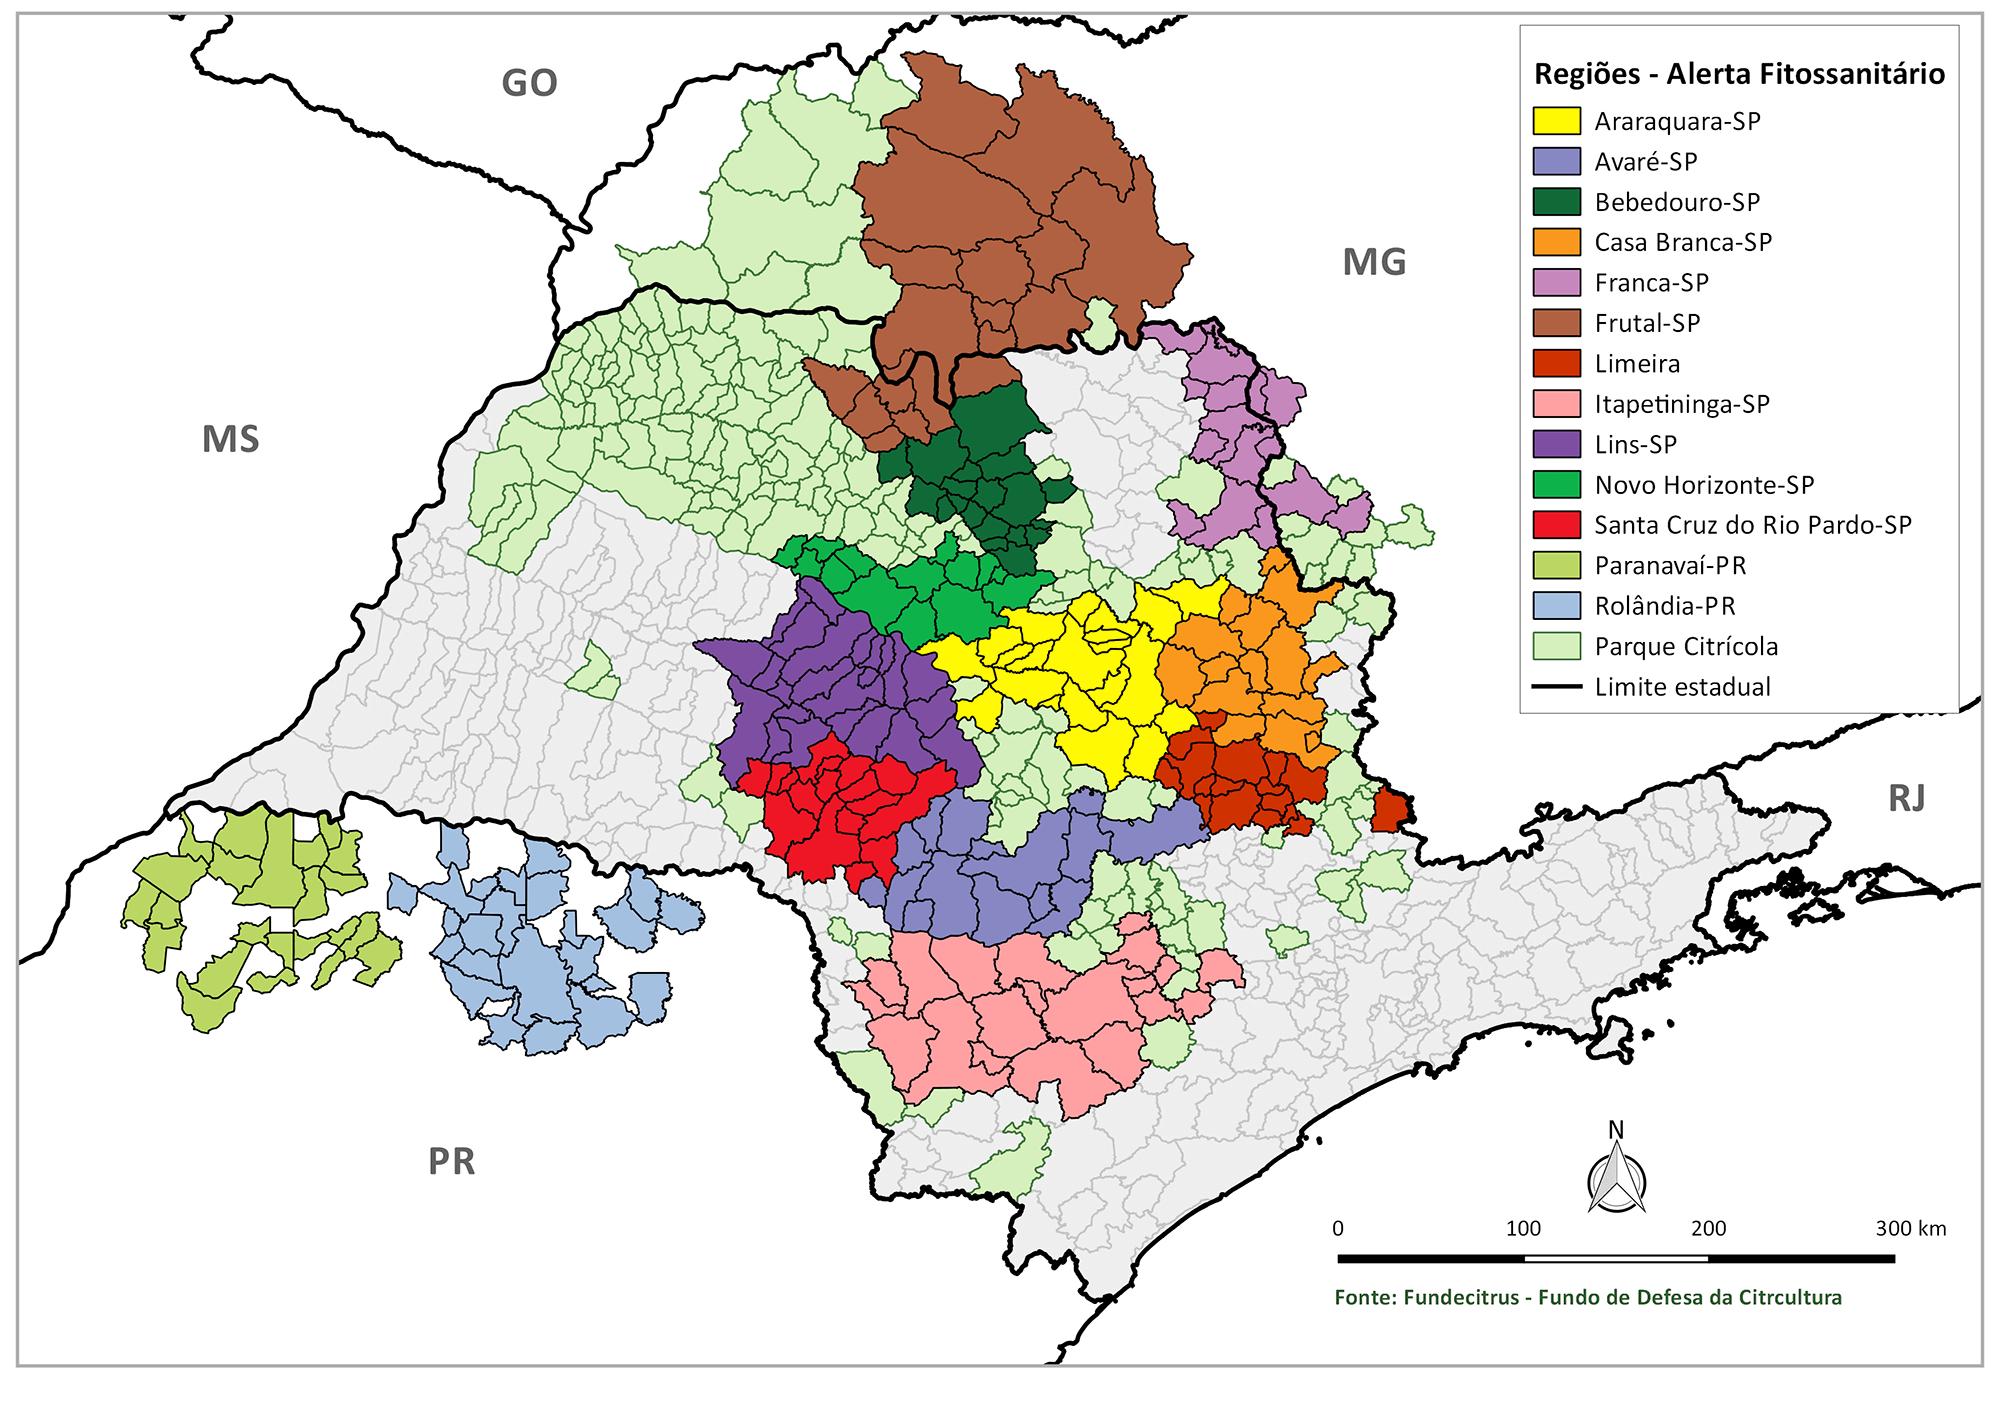 Mapa Sistema de Alerta Fitossanitário